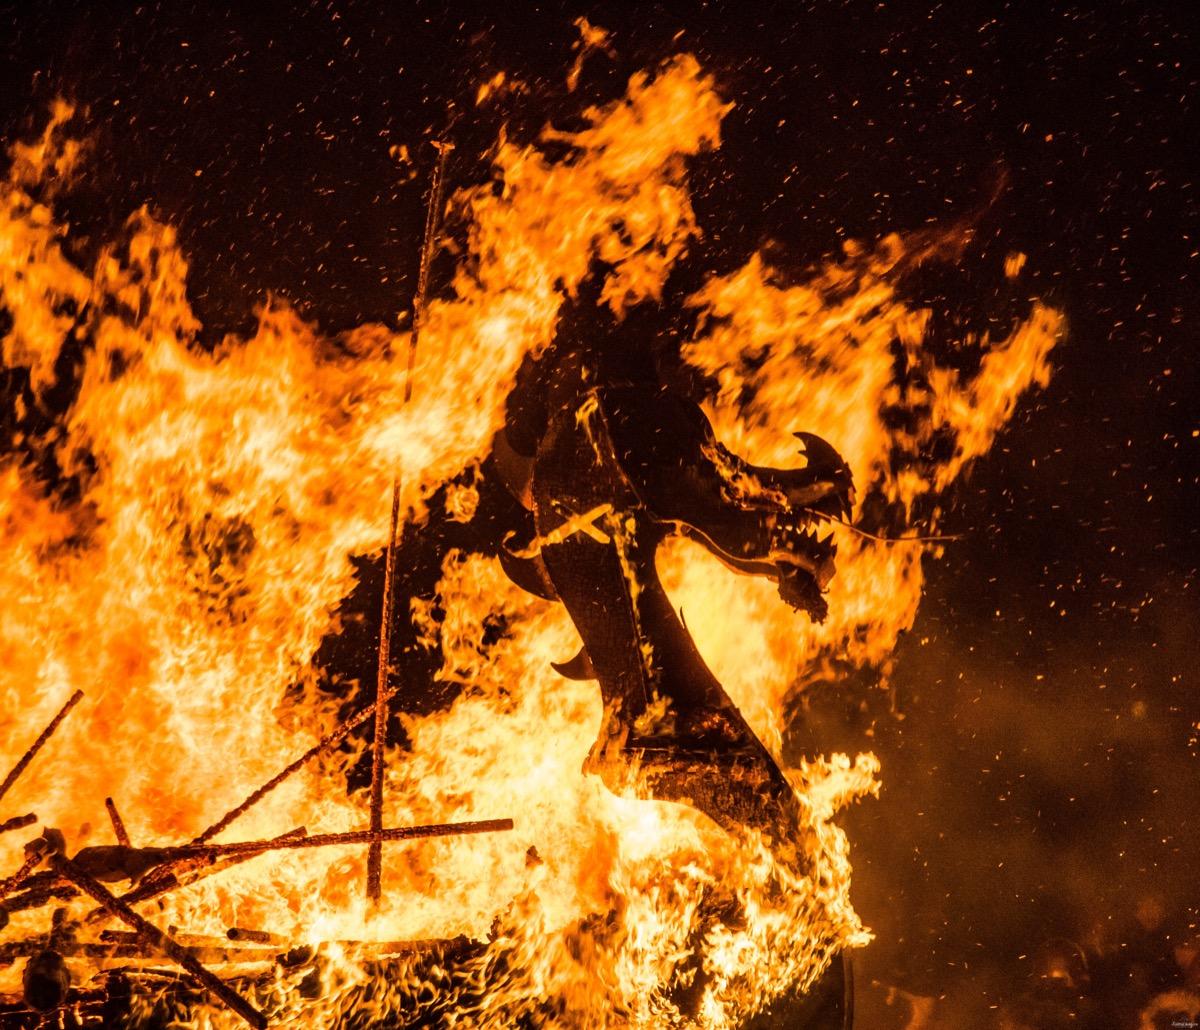 Flamme datant du Royaume-Uni